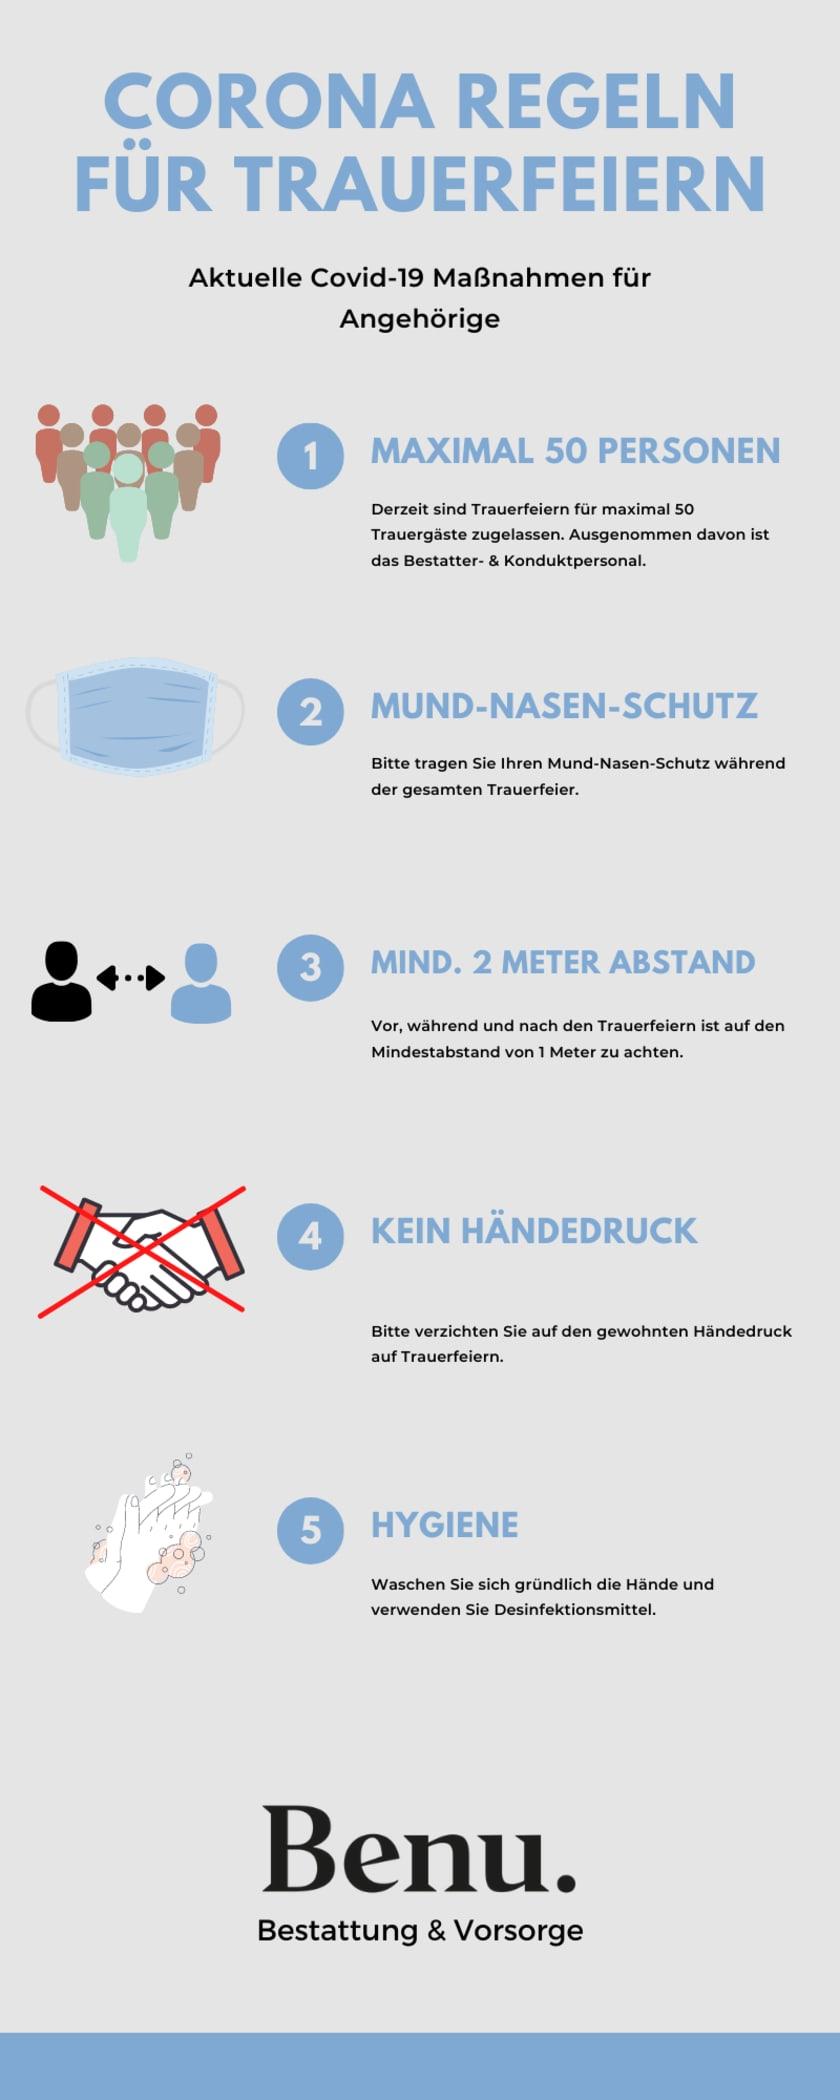 Regeln Für Trauerfeiern.png